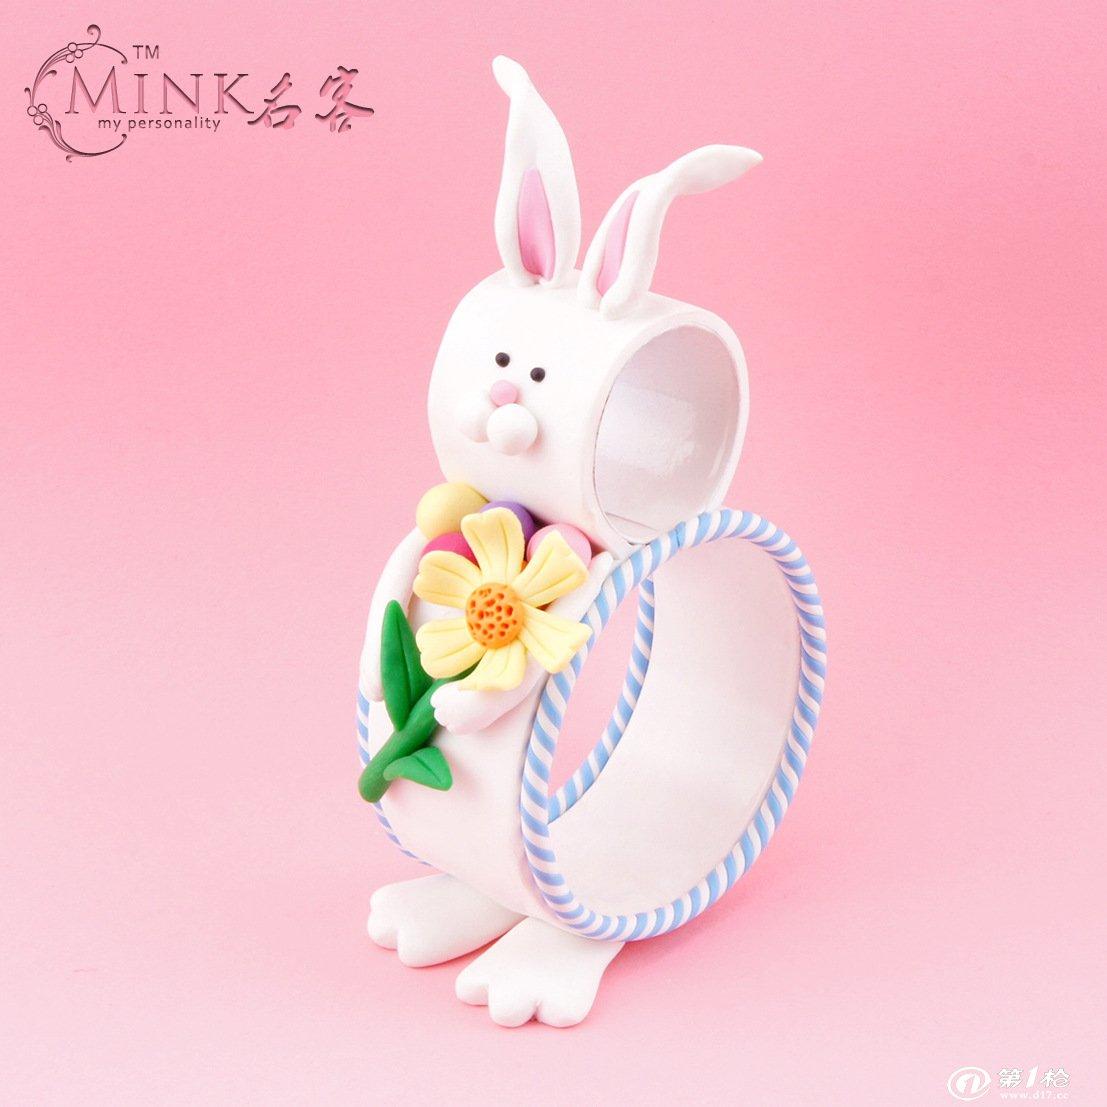 复活节软陶装饰兔子捧花 创意动物 创意摆件 复活节可爱礼物